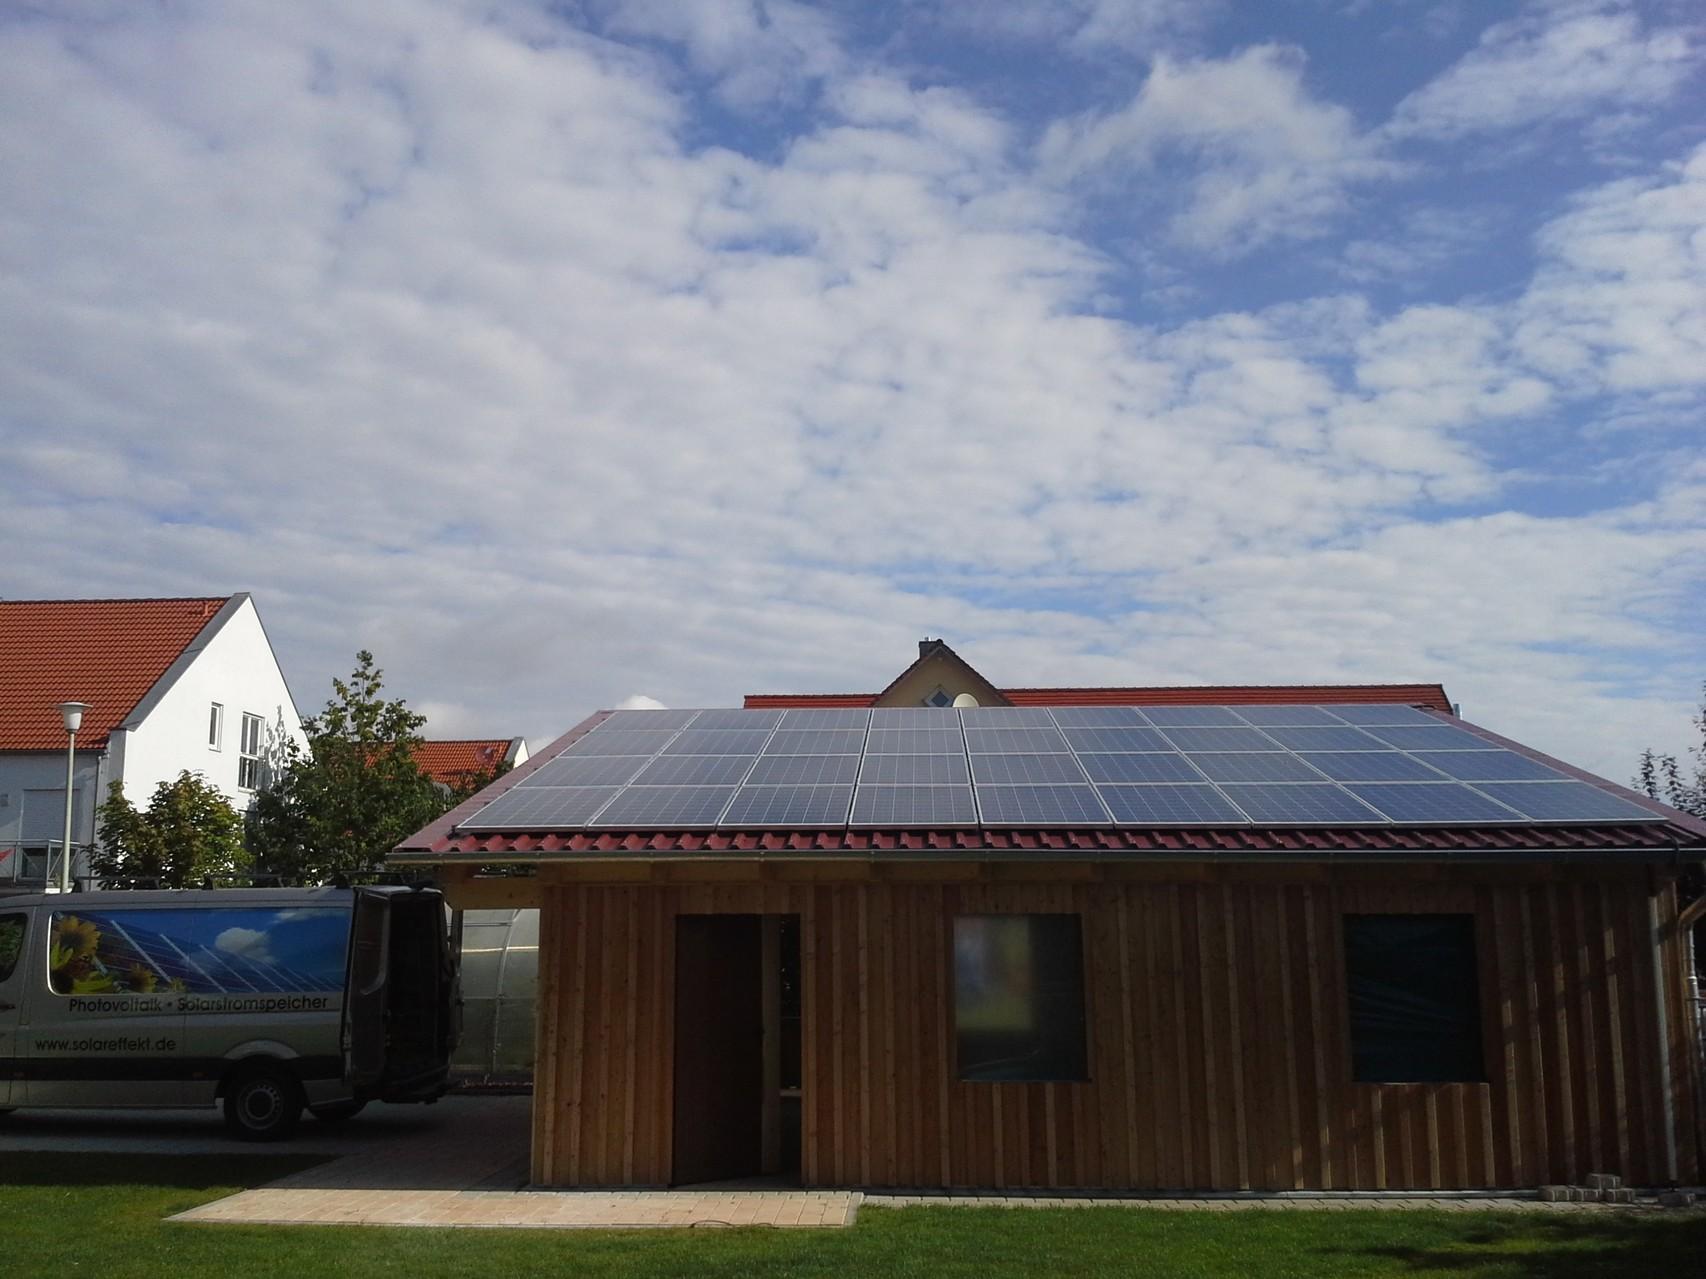 Phototovoltaikanlage 9,18 kWp in 93176 Beratzhausen mit Solarwatt Glas/Glas Module 30 Jahre Garantie